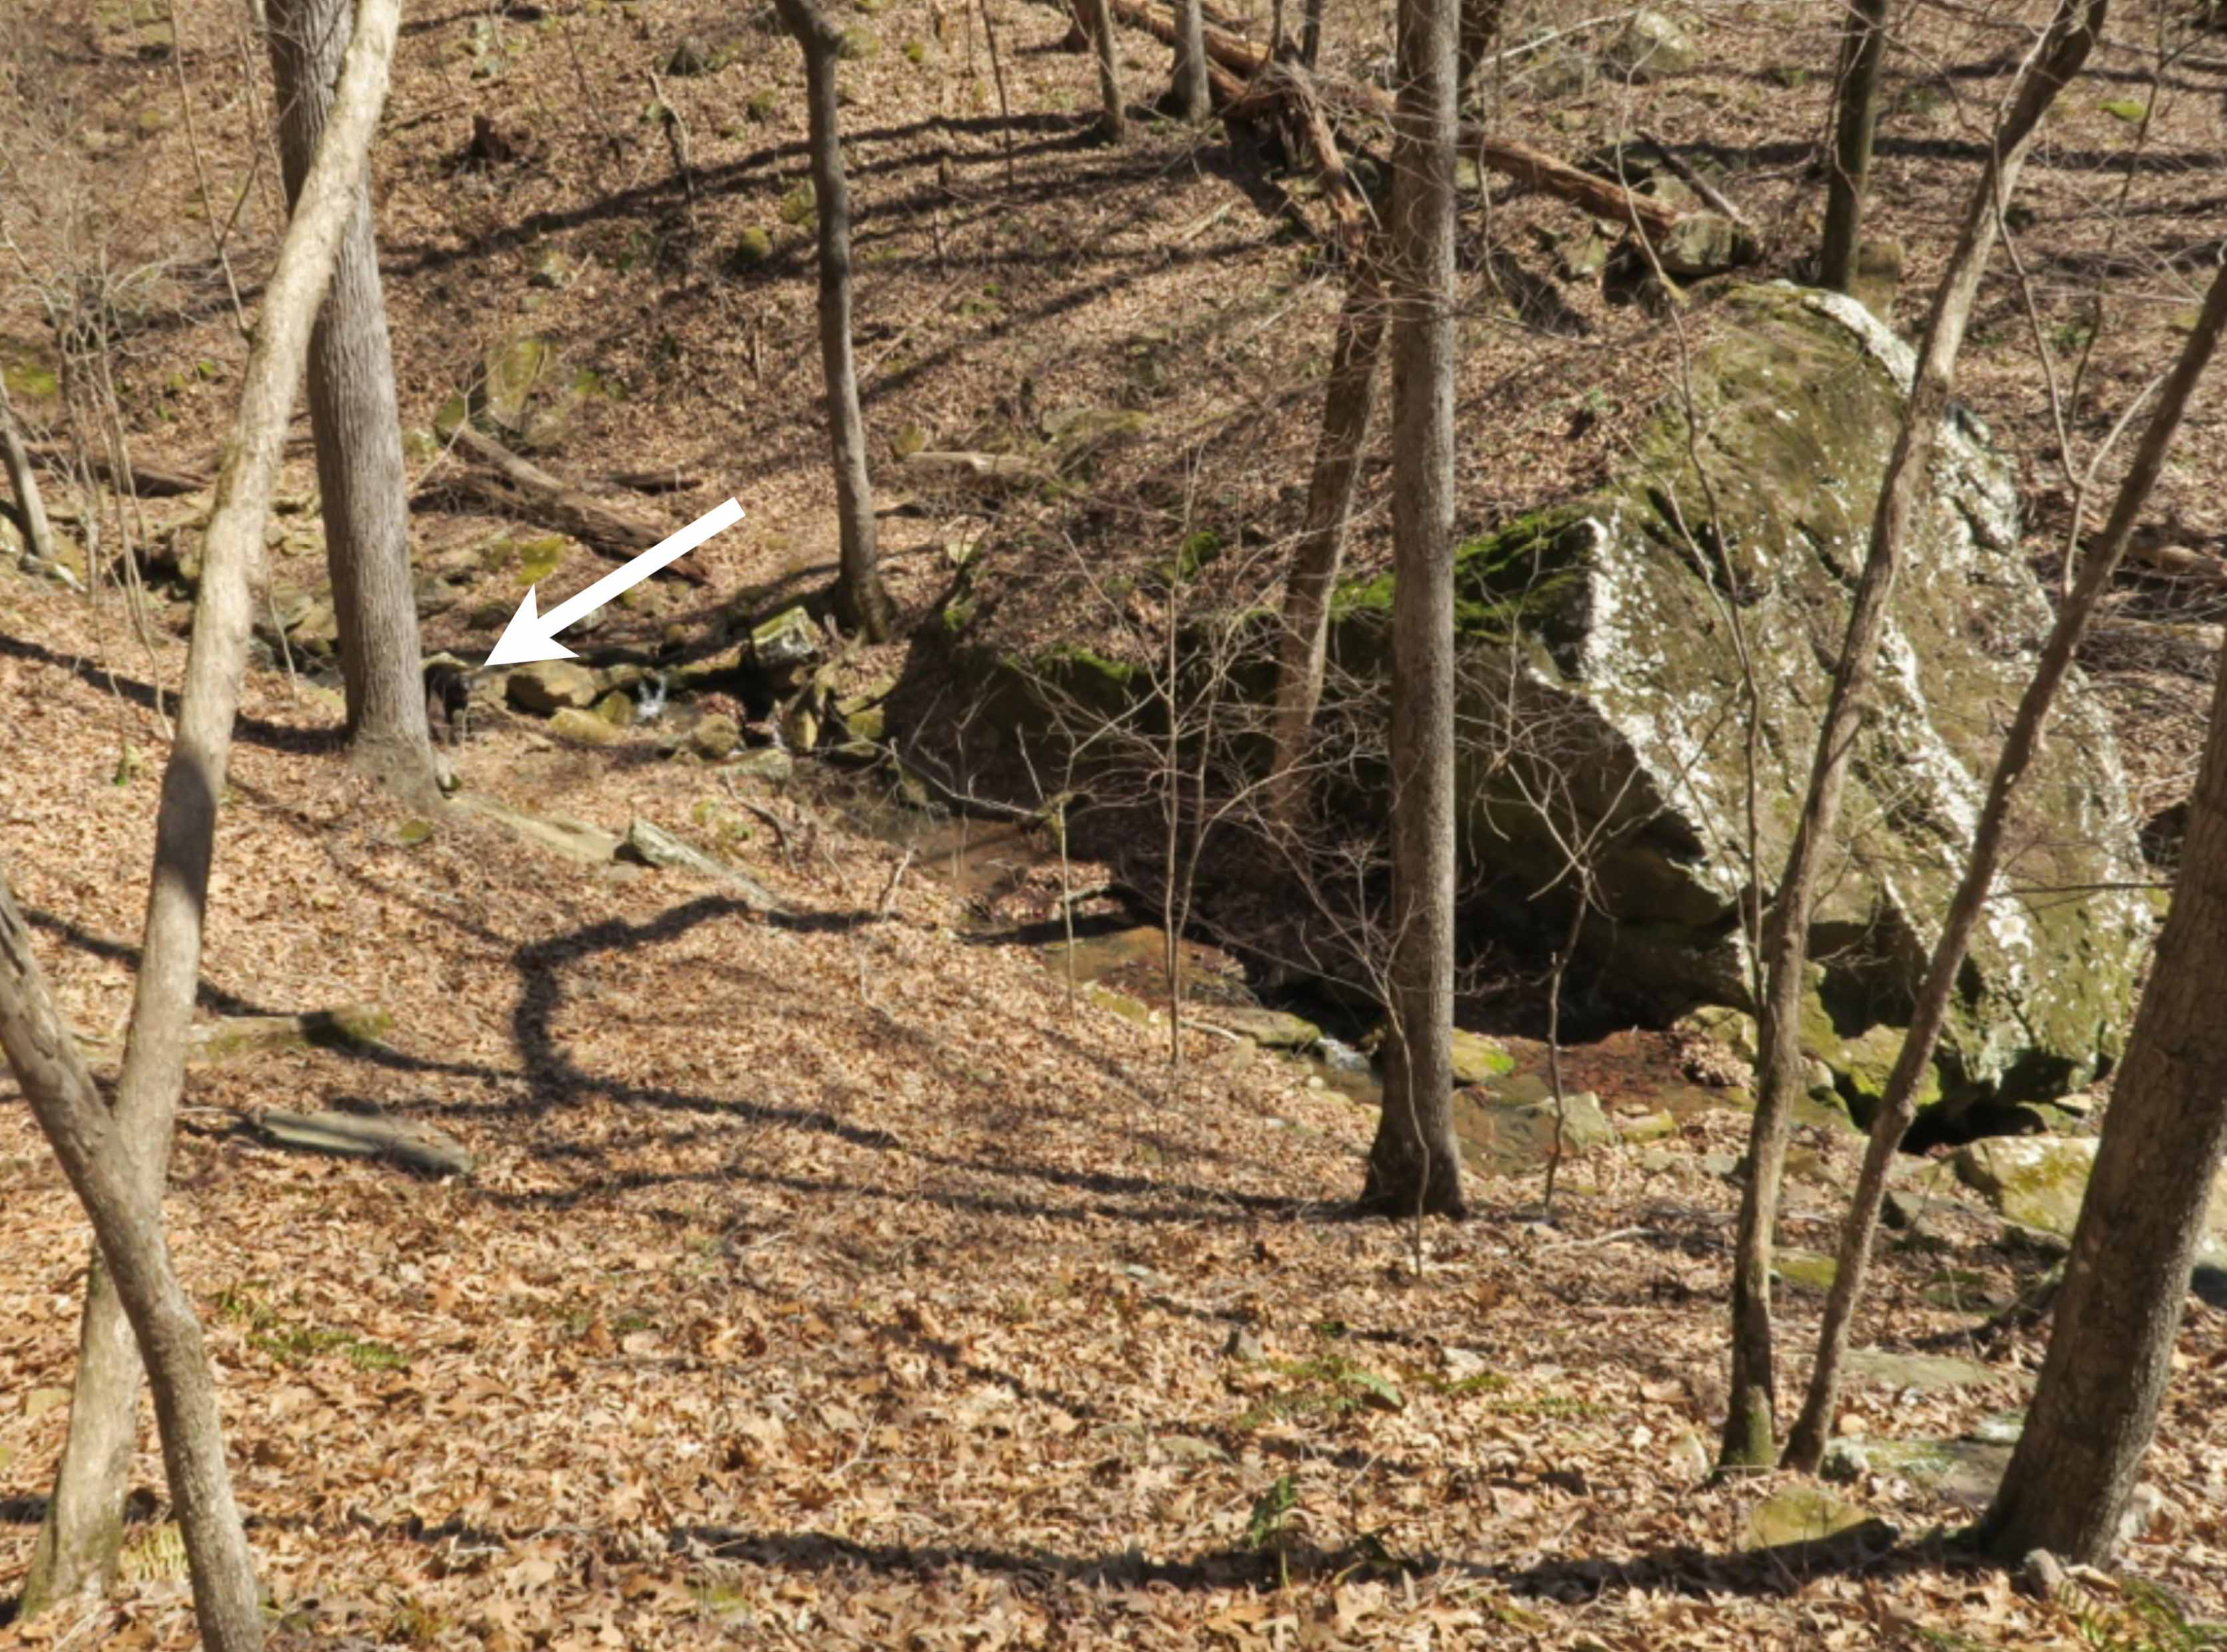 Hiker-dog at creek